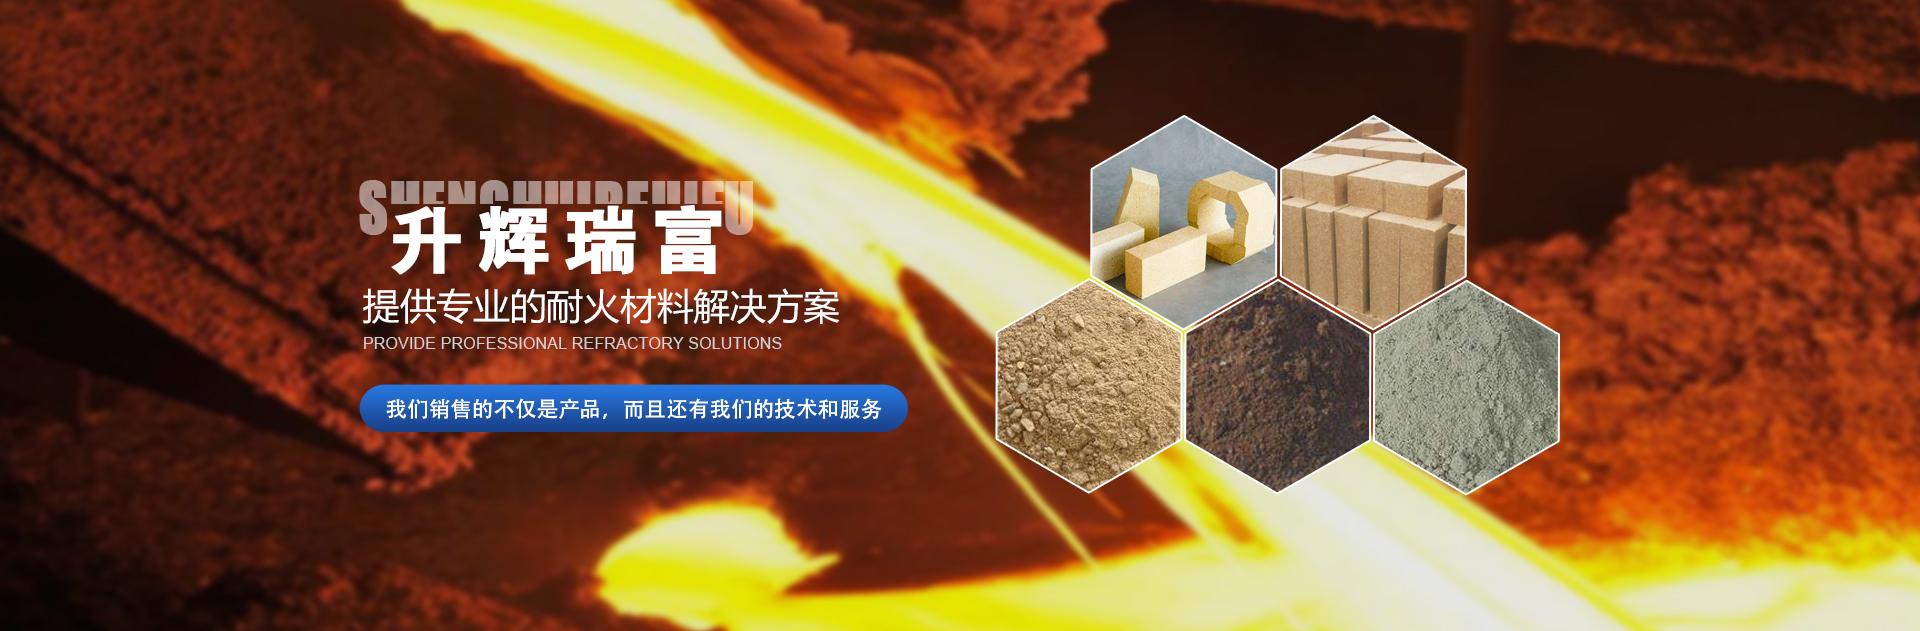 镁碳砖批发